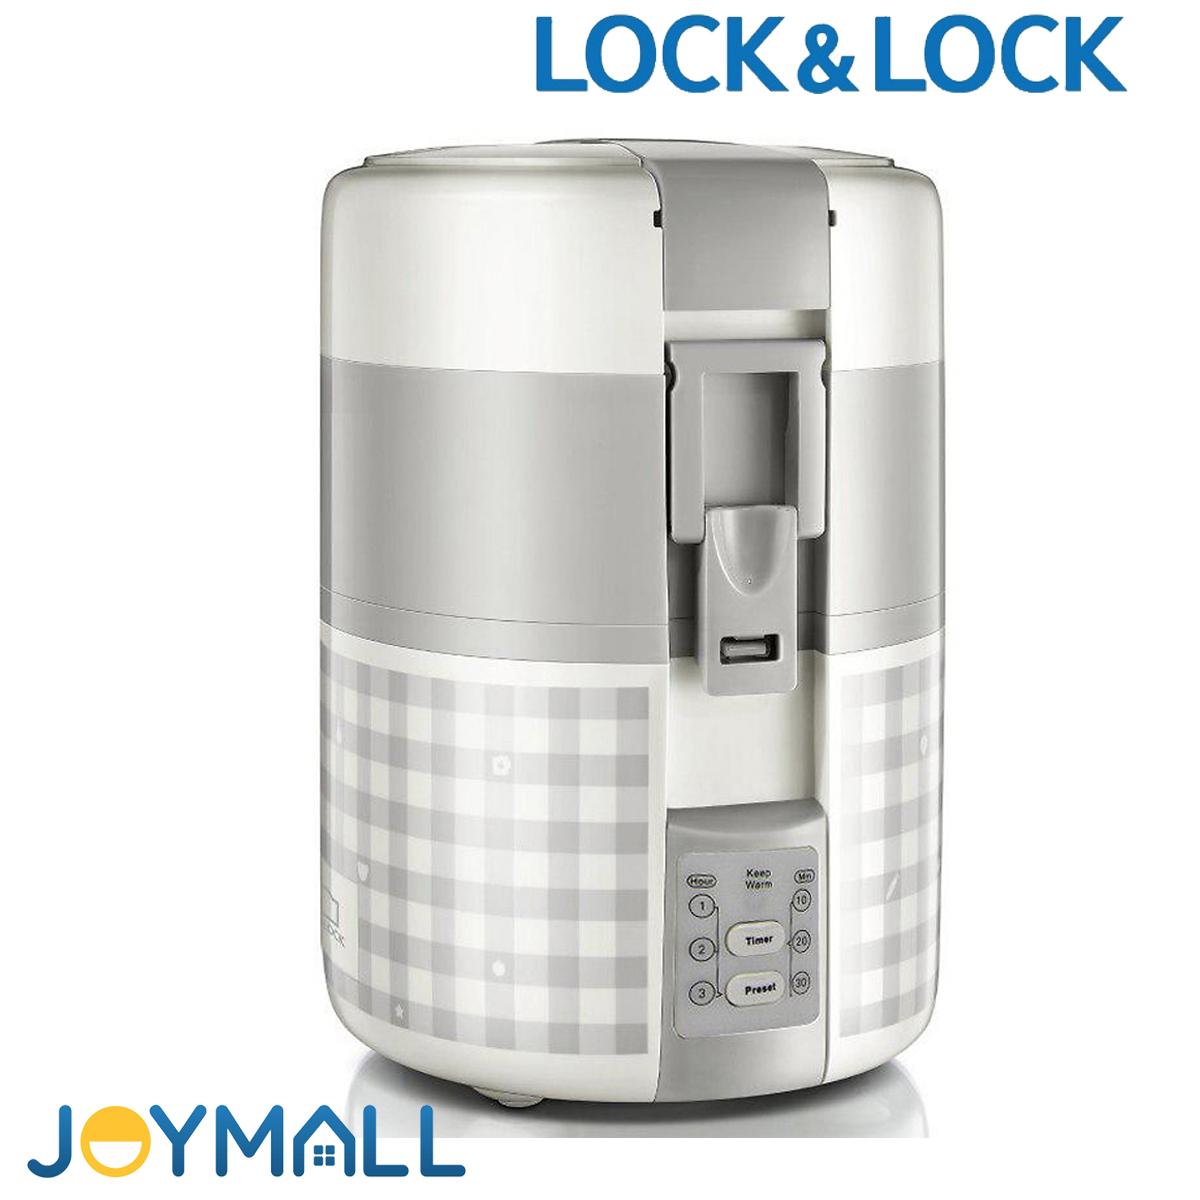 Hộp cơm điện Lock&Lock có thể nấu & hâm nóng thức ăn EJR216 - Dung tích 2L- ruột bằng Inox304 an toàn cho sức khỏe